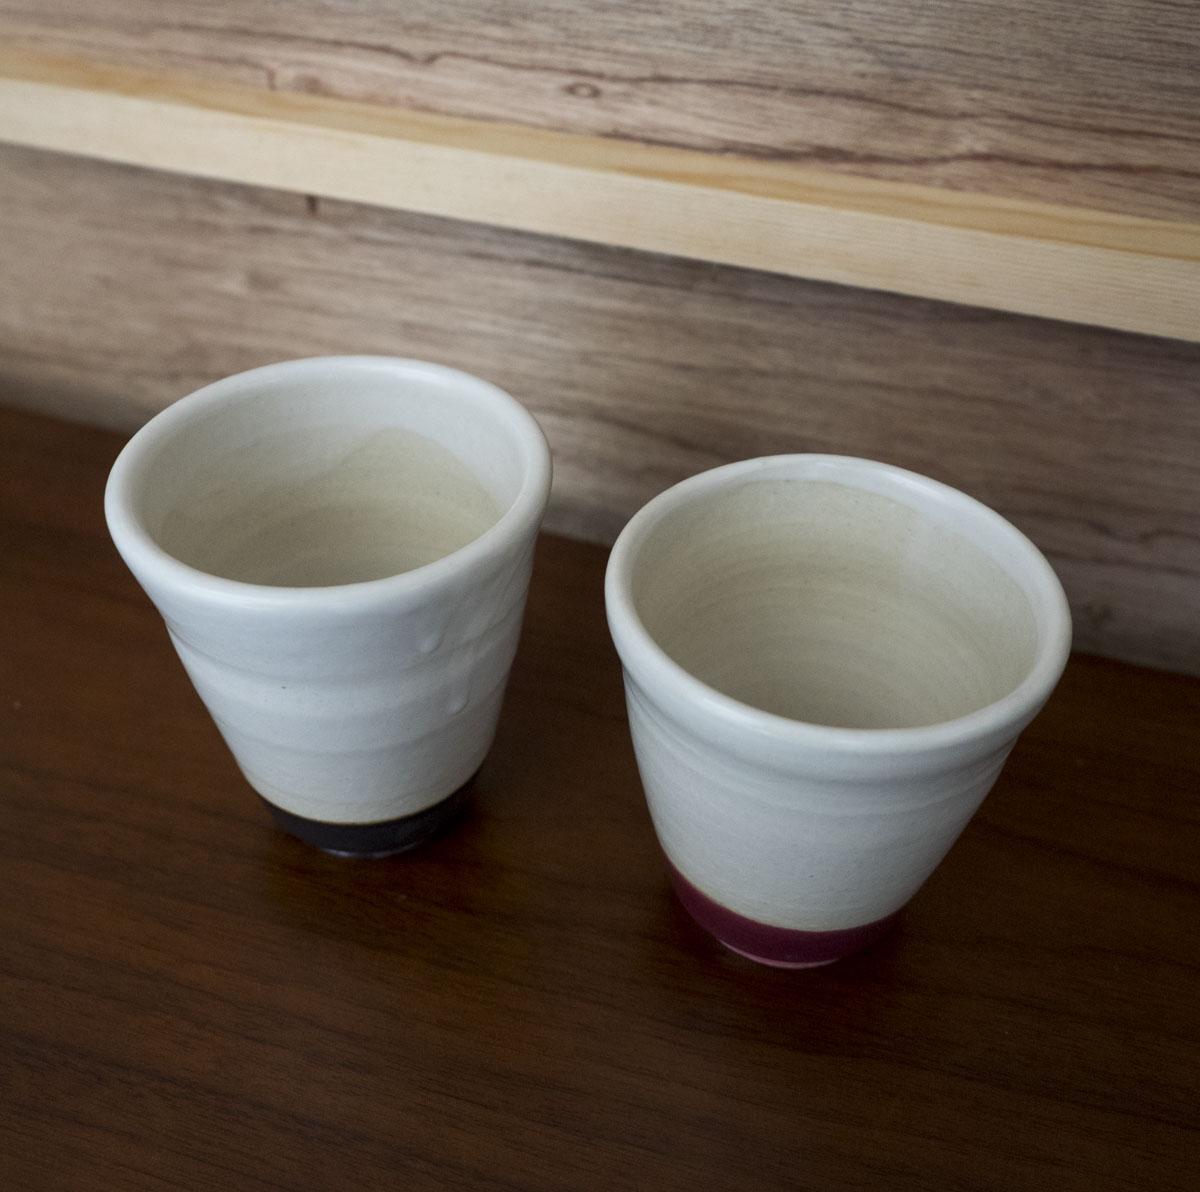 ペアの湯のみ茶碗